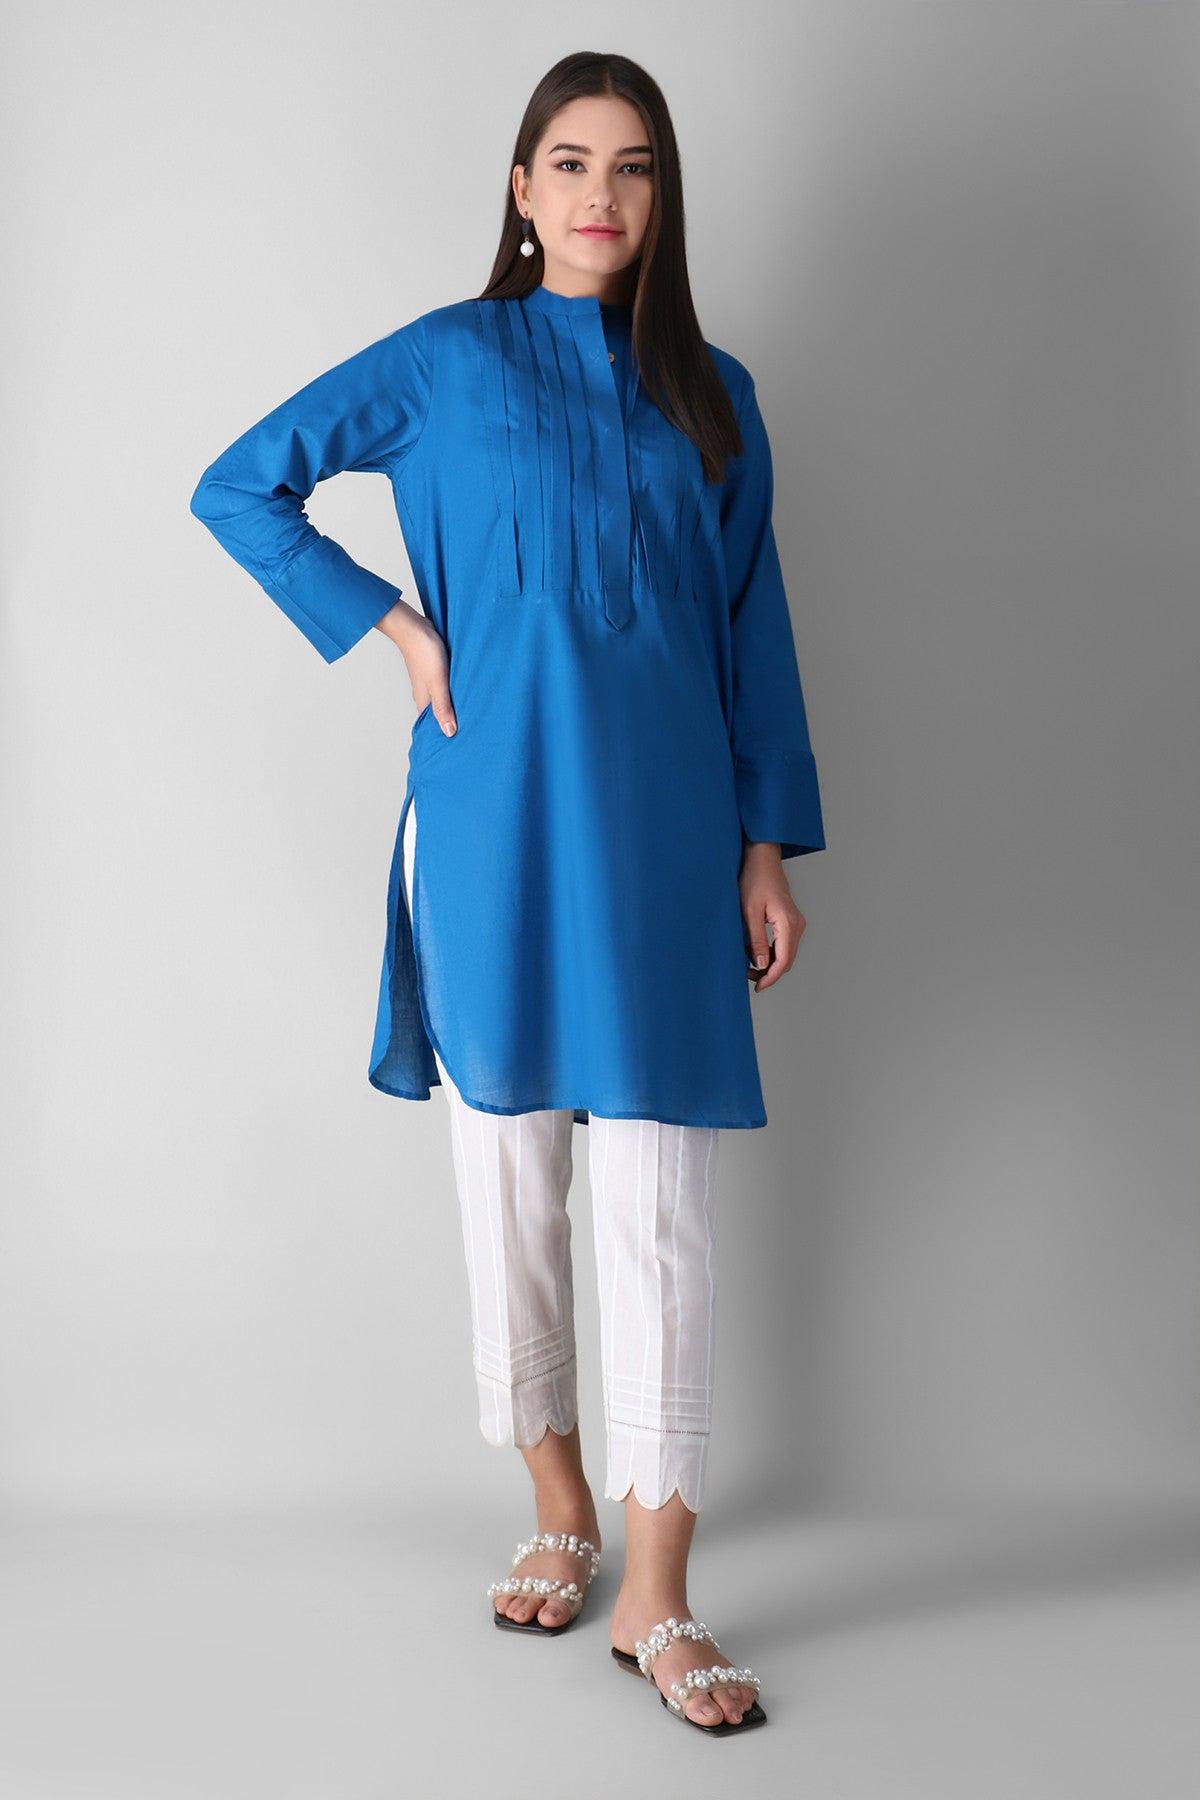 Khaadi Eeps21310t Blue Ready to Wear 2021